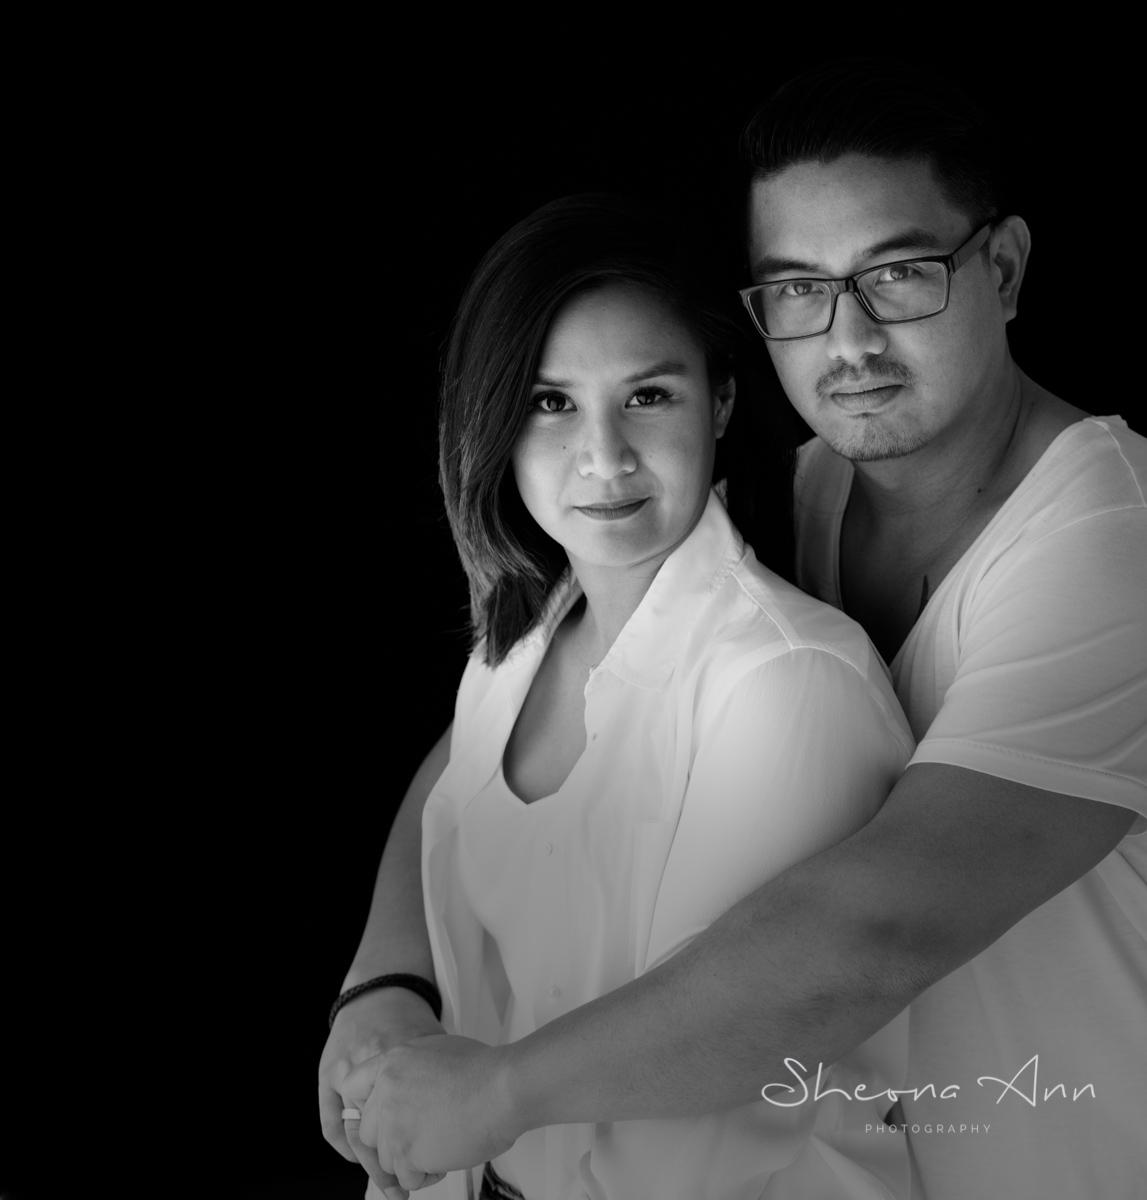 Asian-man-bw-portrait-sheona-ann-photography (5 of 12).jpg